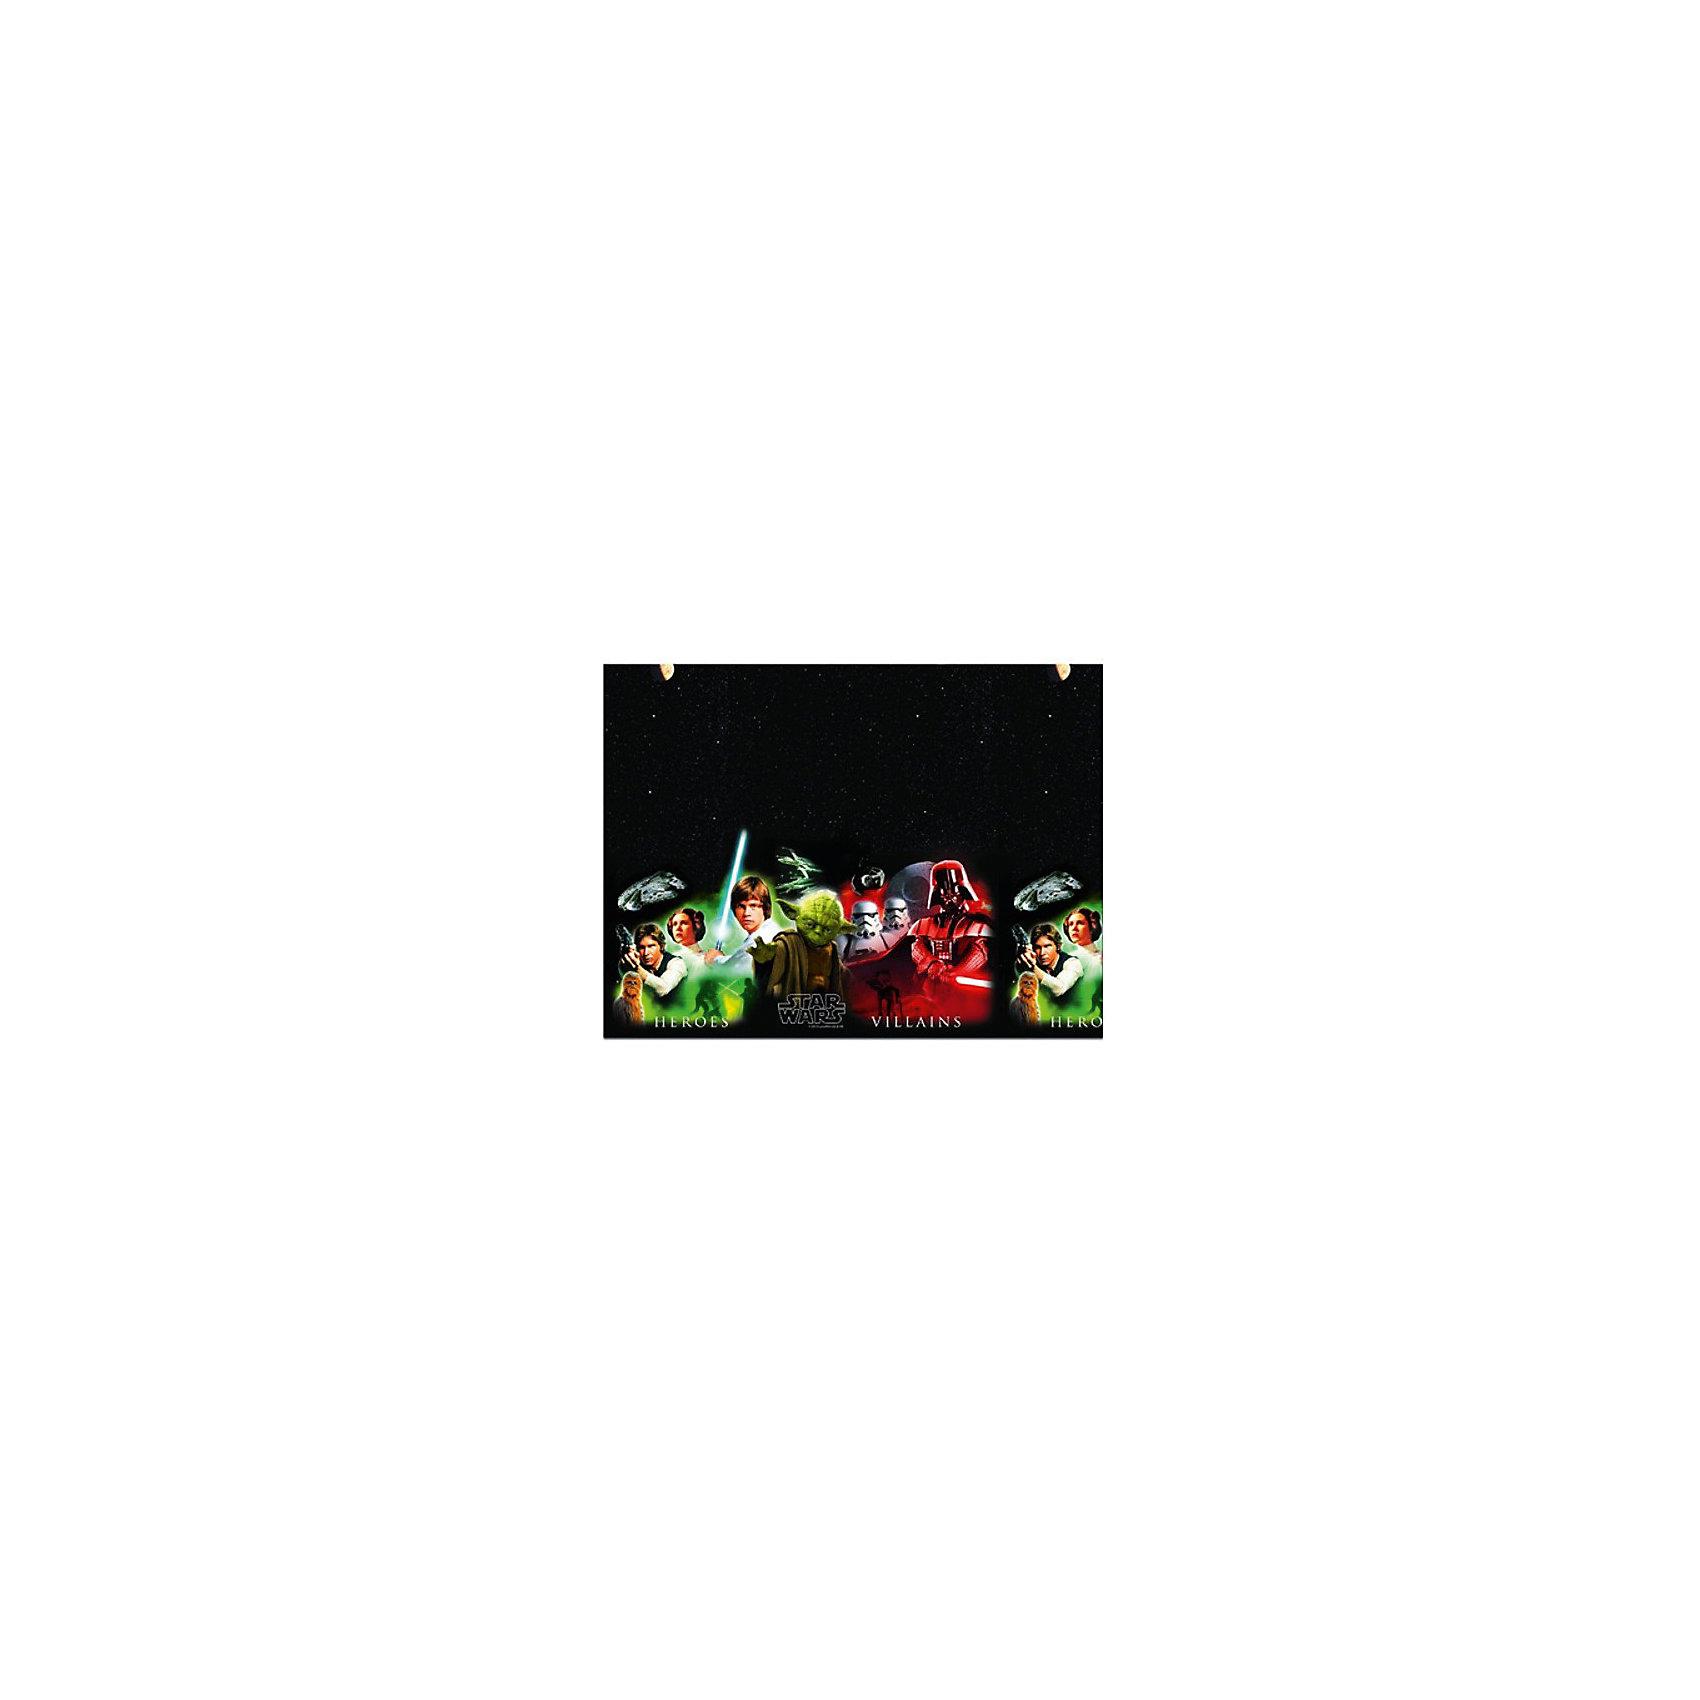 Скатерть «Звездные Войны» 120x180 см.Всё для праздника<br>Скатерть  Звездные Войны – незаменимая вещь для любого праздника, в котором принимают участие поклонники Звездных войн. На скатерти на фоне темного звездного неба изображены герои фильма, что не сможет остаться без внимания гостей. Расстелив скатерть на столе, каждый гость сможет сесть рядом с изображением своего любимого персонажа. Также ее можно использовать для пикников на природе, где она, благодаря яркому солнцу, будет смотреться еще красочней и ярче. Изготовлена скатерть из качественного полиэтилена, совершенно безопасного для детей. @#<br>Размер скатерти 120x180 сантиметров. @#<br>Рекомендуемый возраст: от 3 лет.<br><br>Ширина мм: 20<br>Глубина мм: 165<br>Высота мм: 165<br>Вес г: 10<br>Возраст от месяцев: 36<br>Возраст до месяцев: 120<br>Пол: Унисекс<br>Возраст: Детский<br>SKU: 6914356